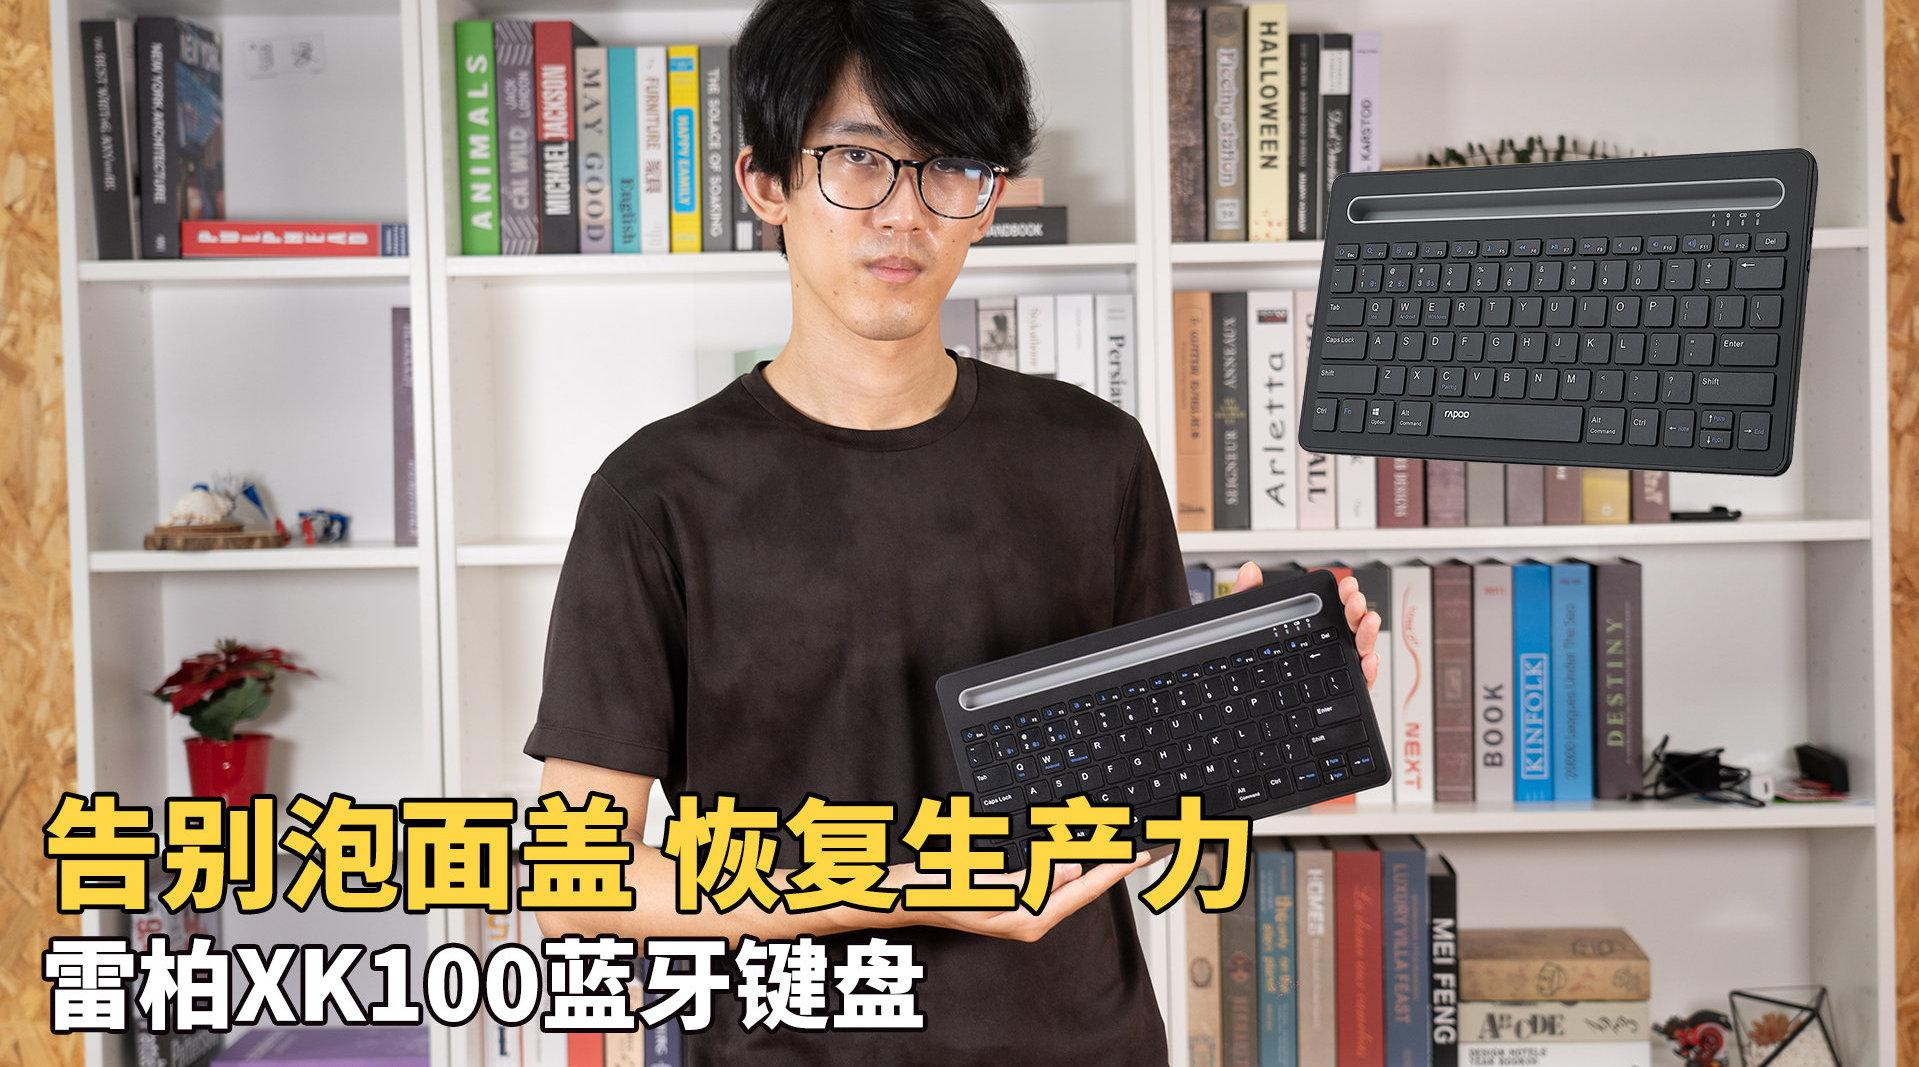 告别泡面盖 恢复生产力 雷柏XK100蓝牙键盘